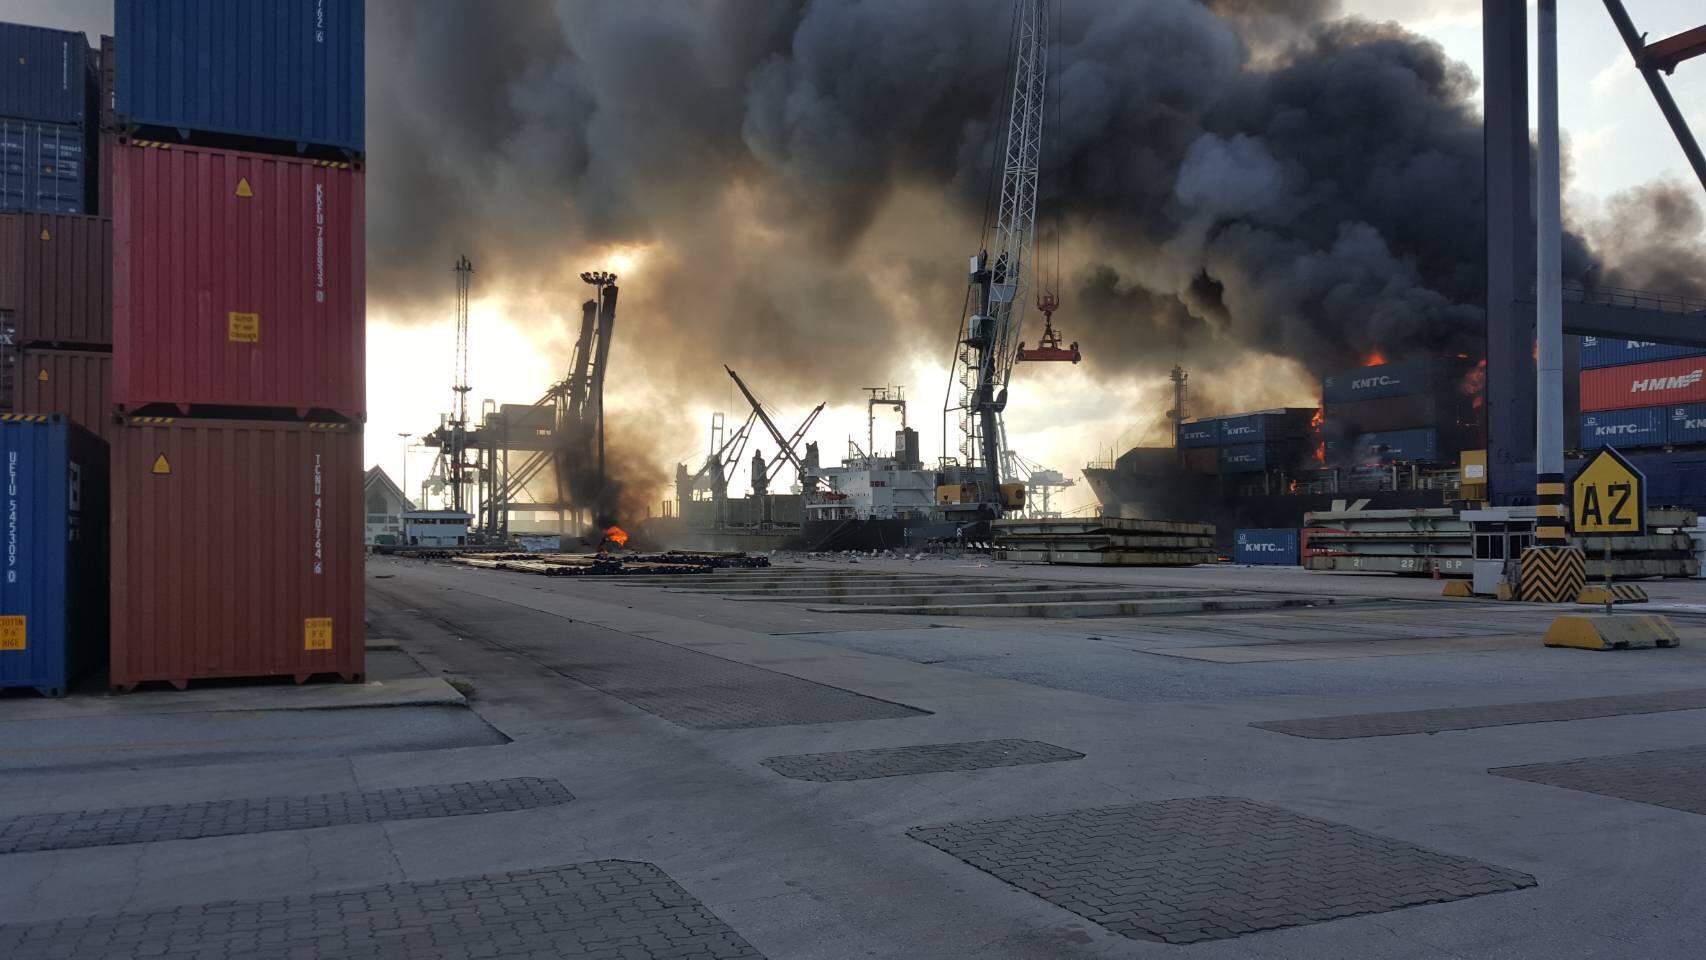 ท่าเรือแหลมฉบัง นายกรัฐมนตรี เรือบรรทุกสินค้า ไฟไหม้